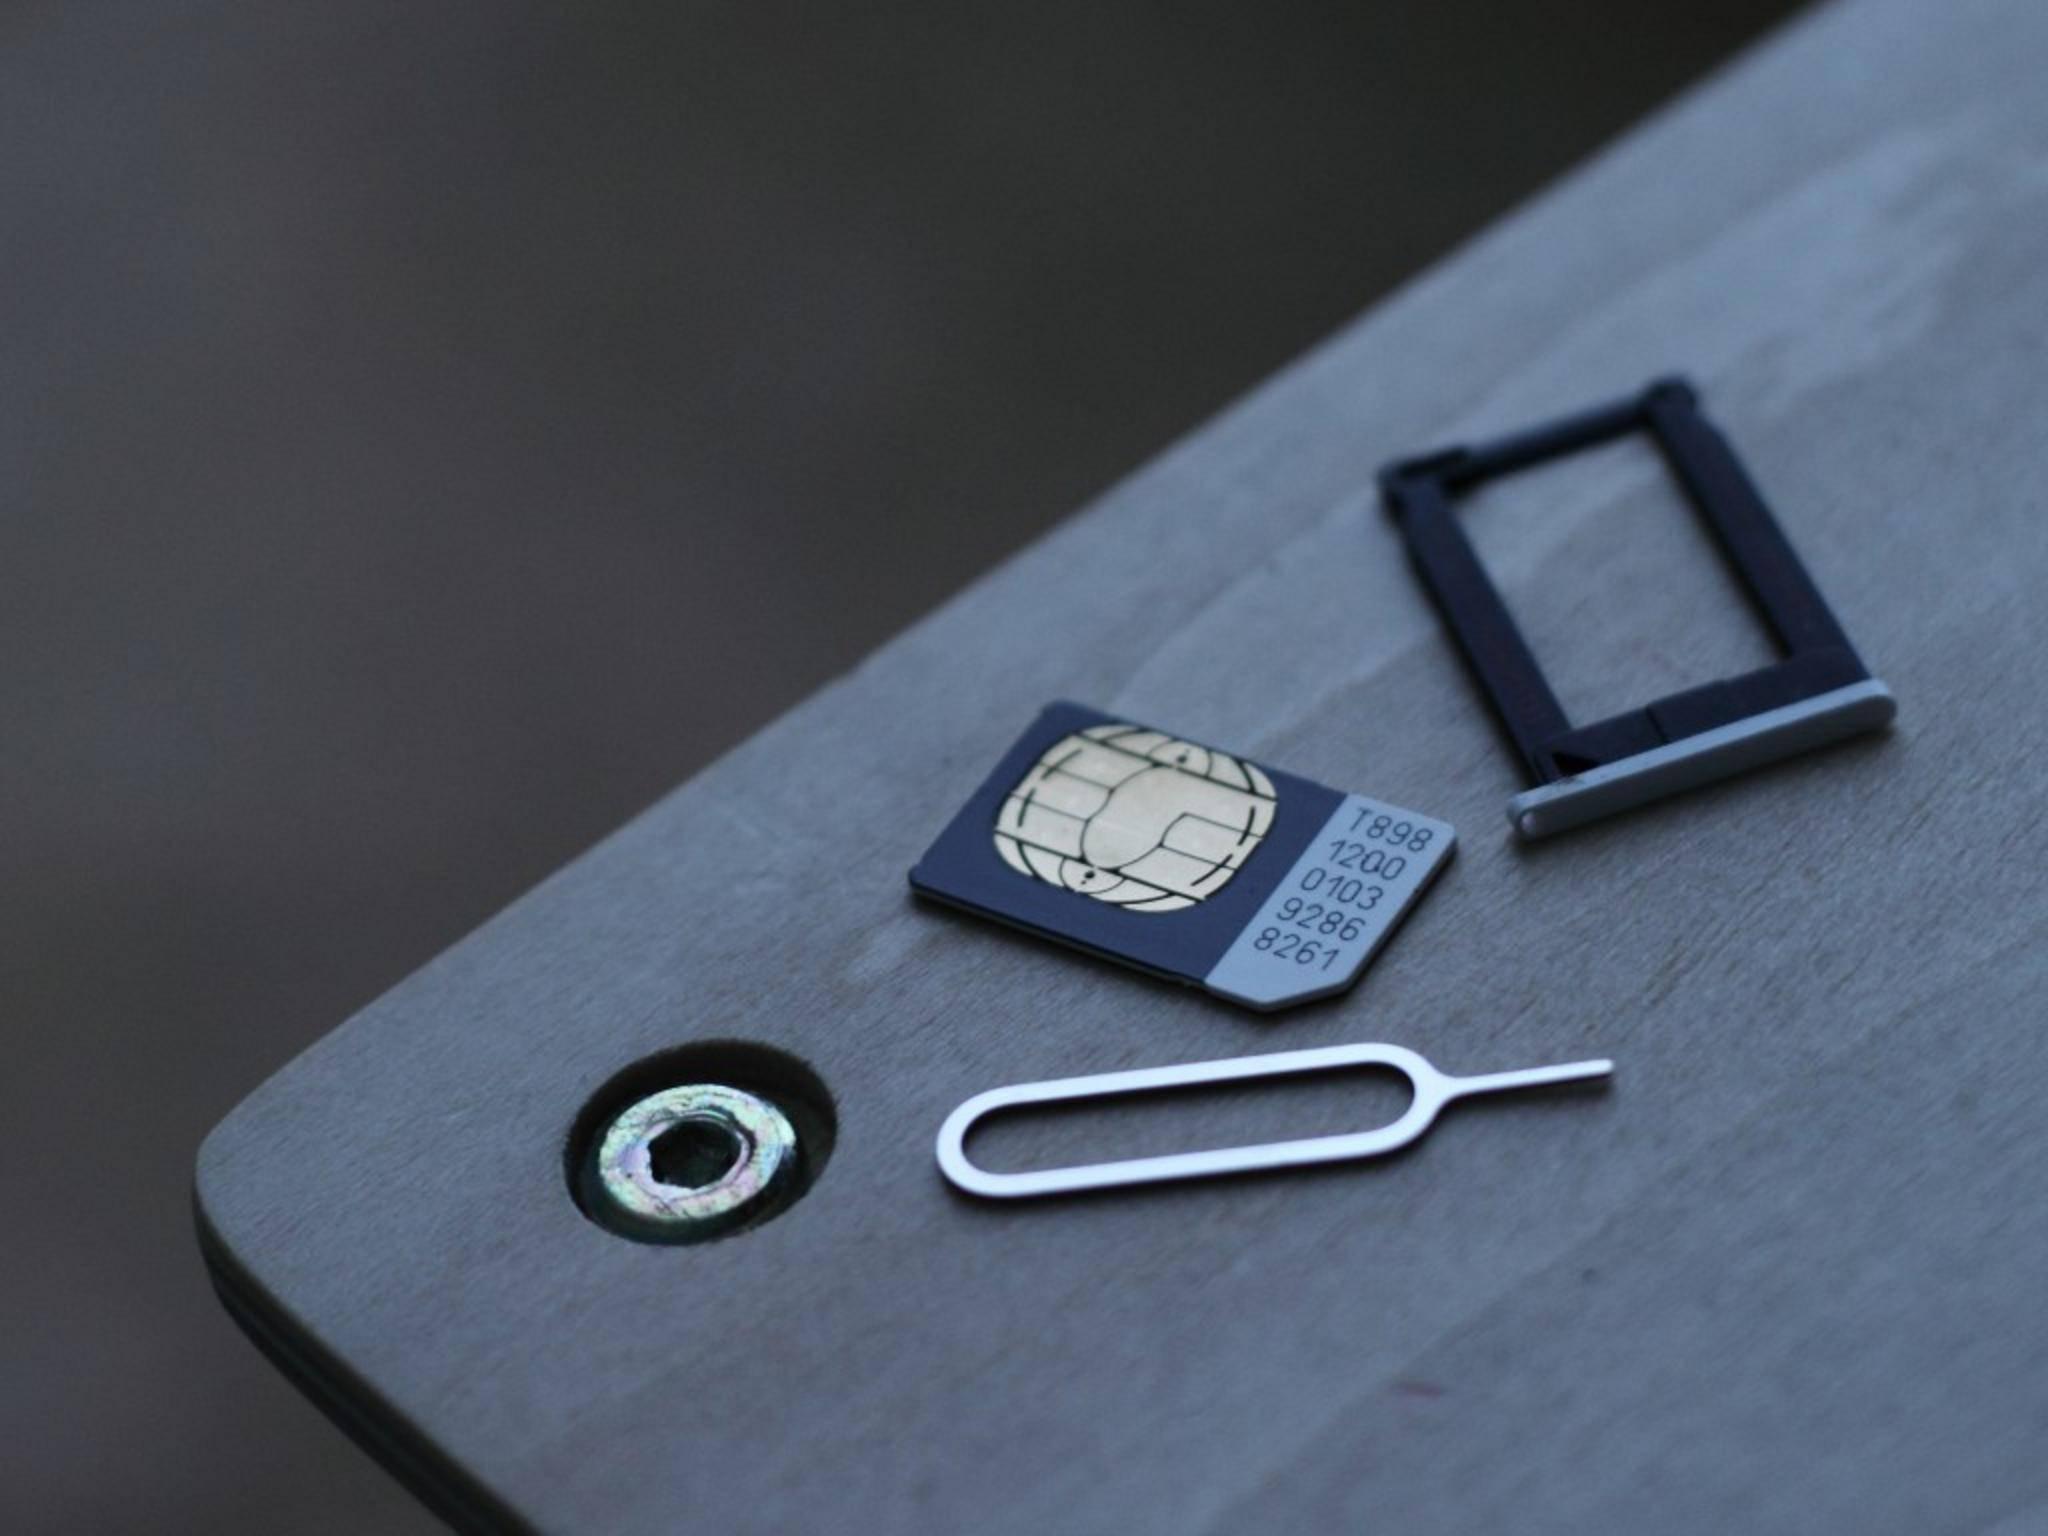 Eine SIM-Karte kann aus verschiedenen Gründen nicht richtig funktionieren.